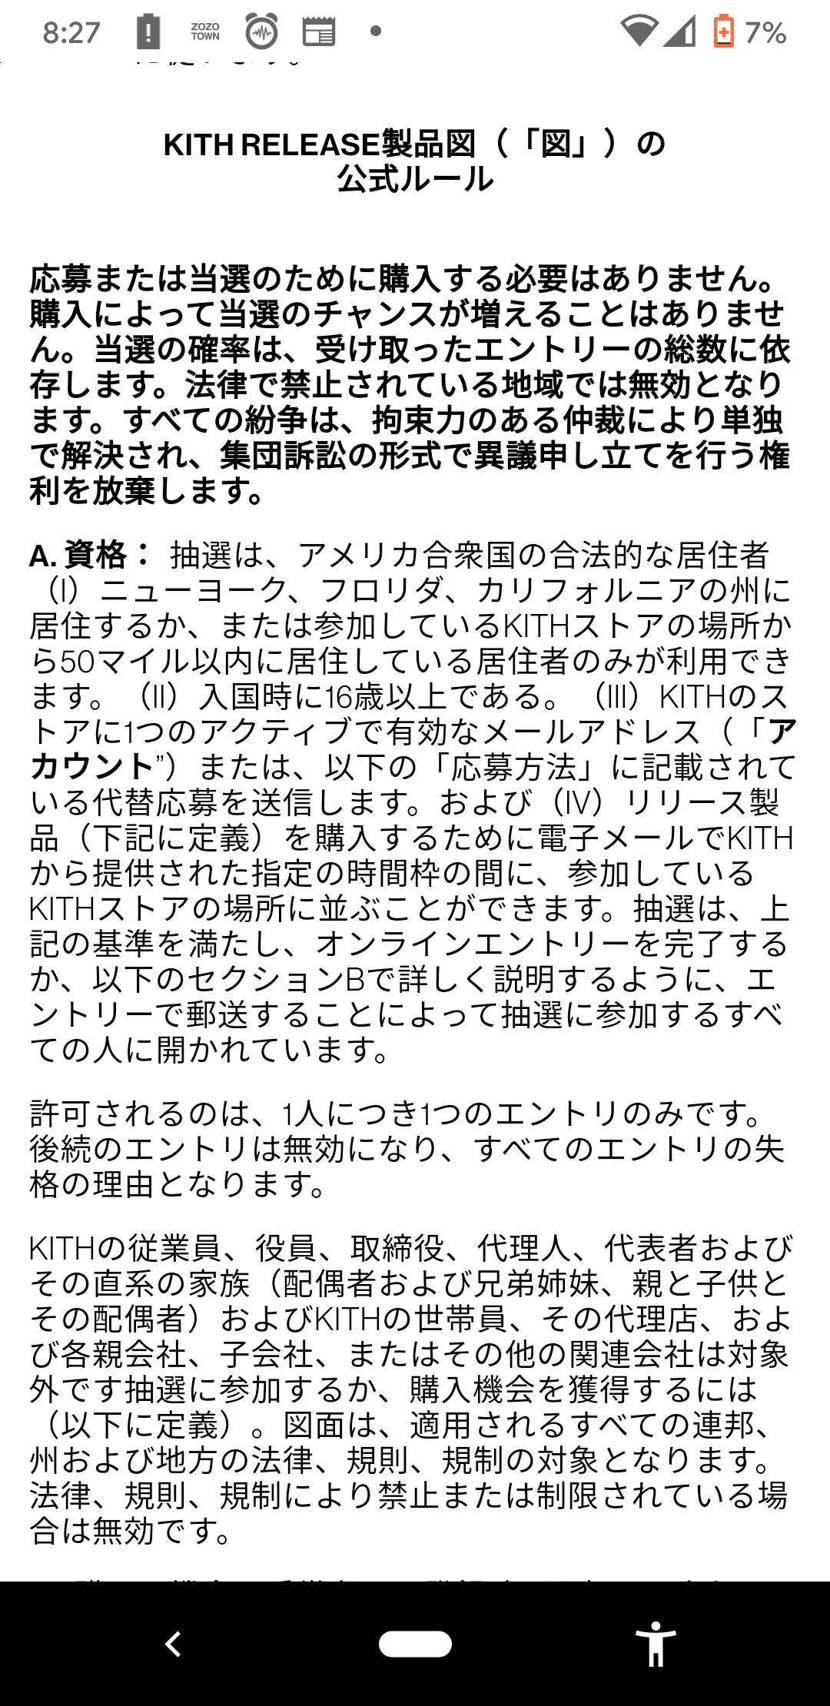 日本在住だからダメじゃん👎 100$やるとこだった…危ない危ない😱